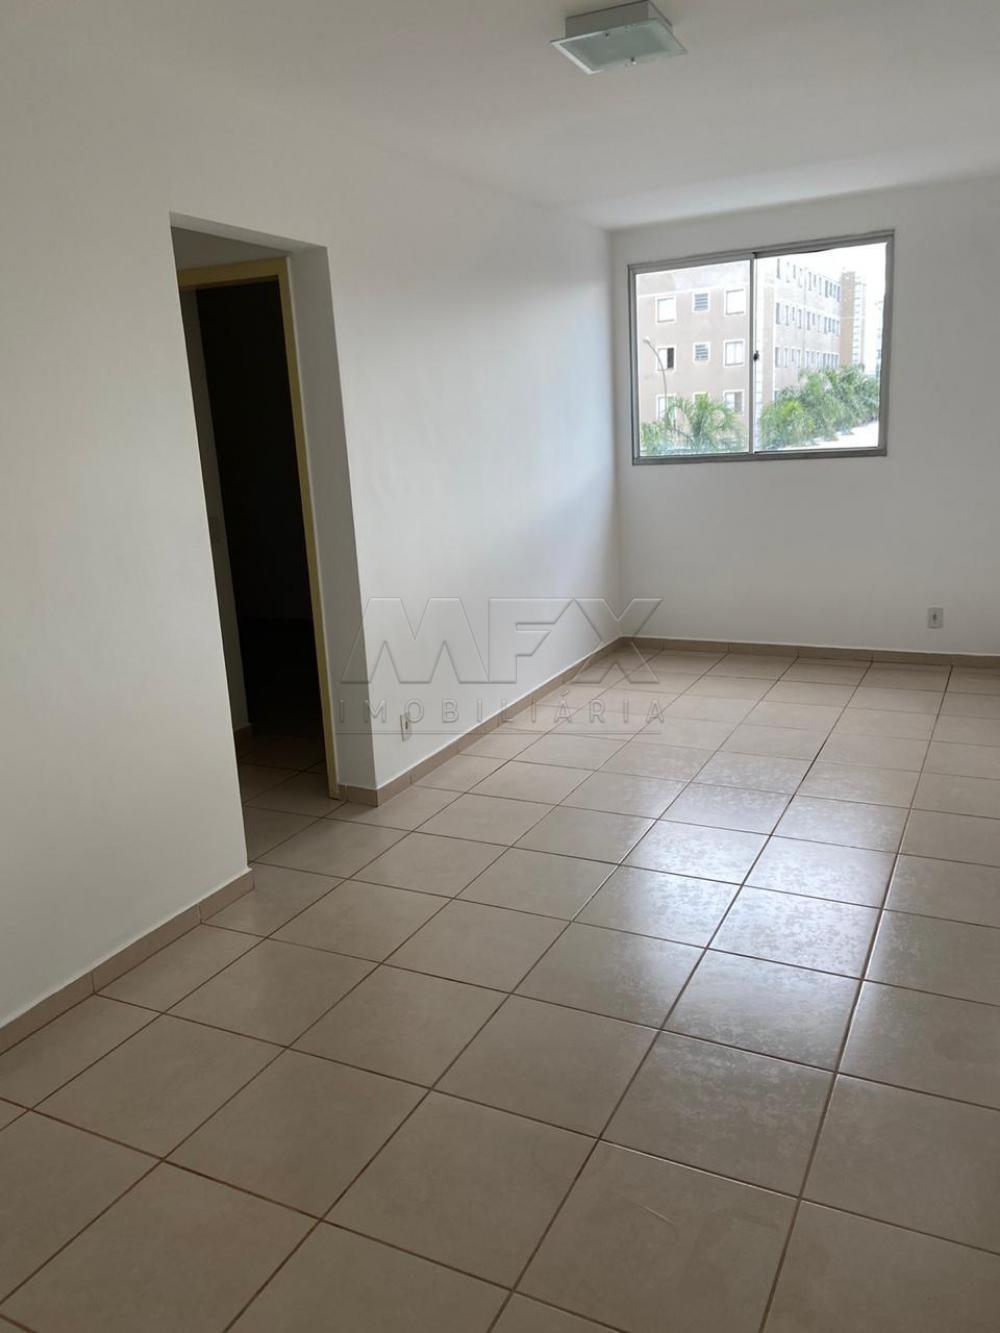 Comprar Apartamento / Padrão em Bauru apenas R$ 139.000,00 - Foto 1